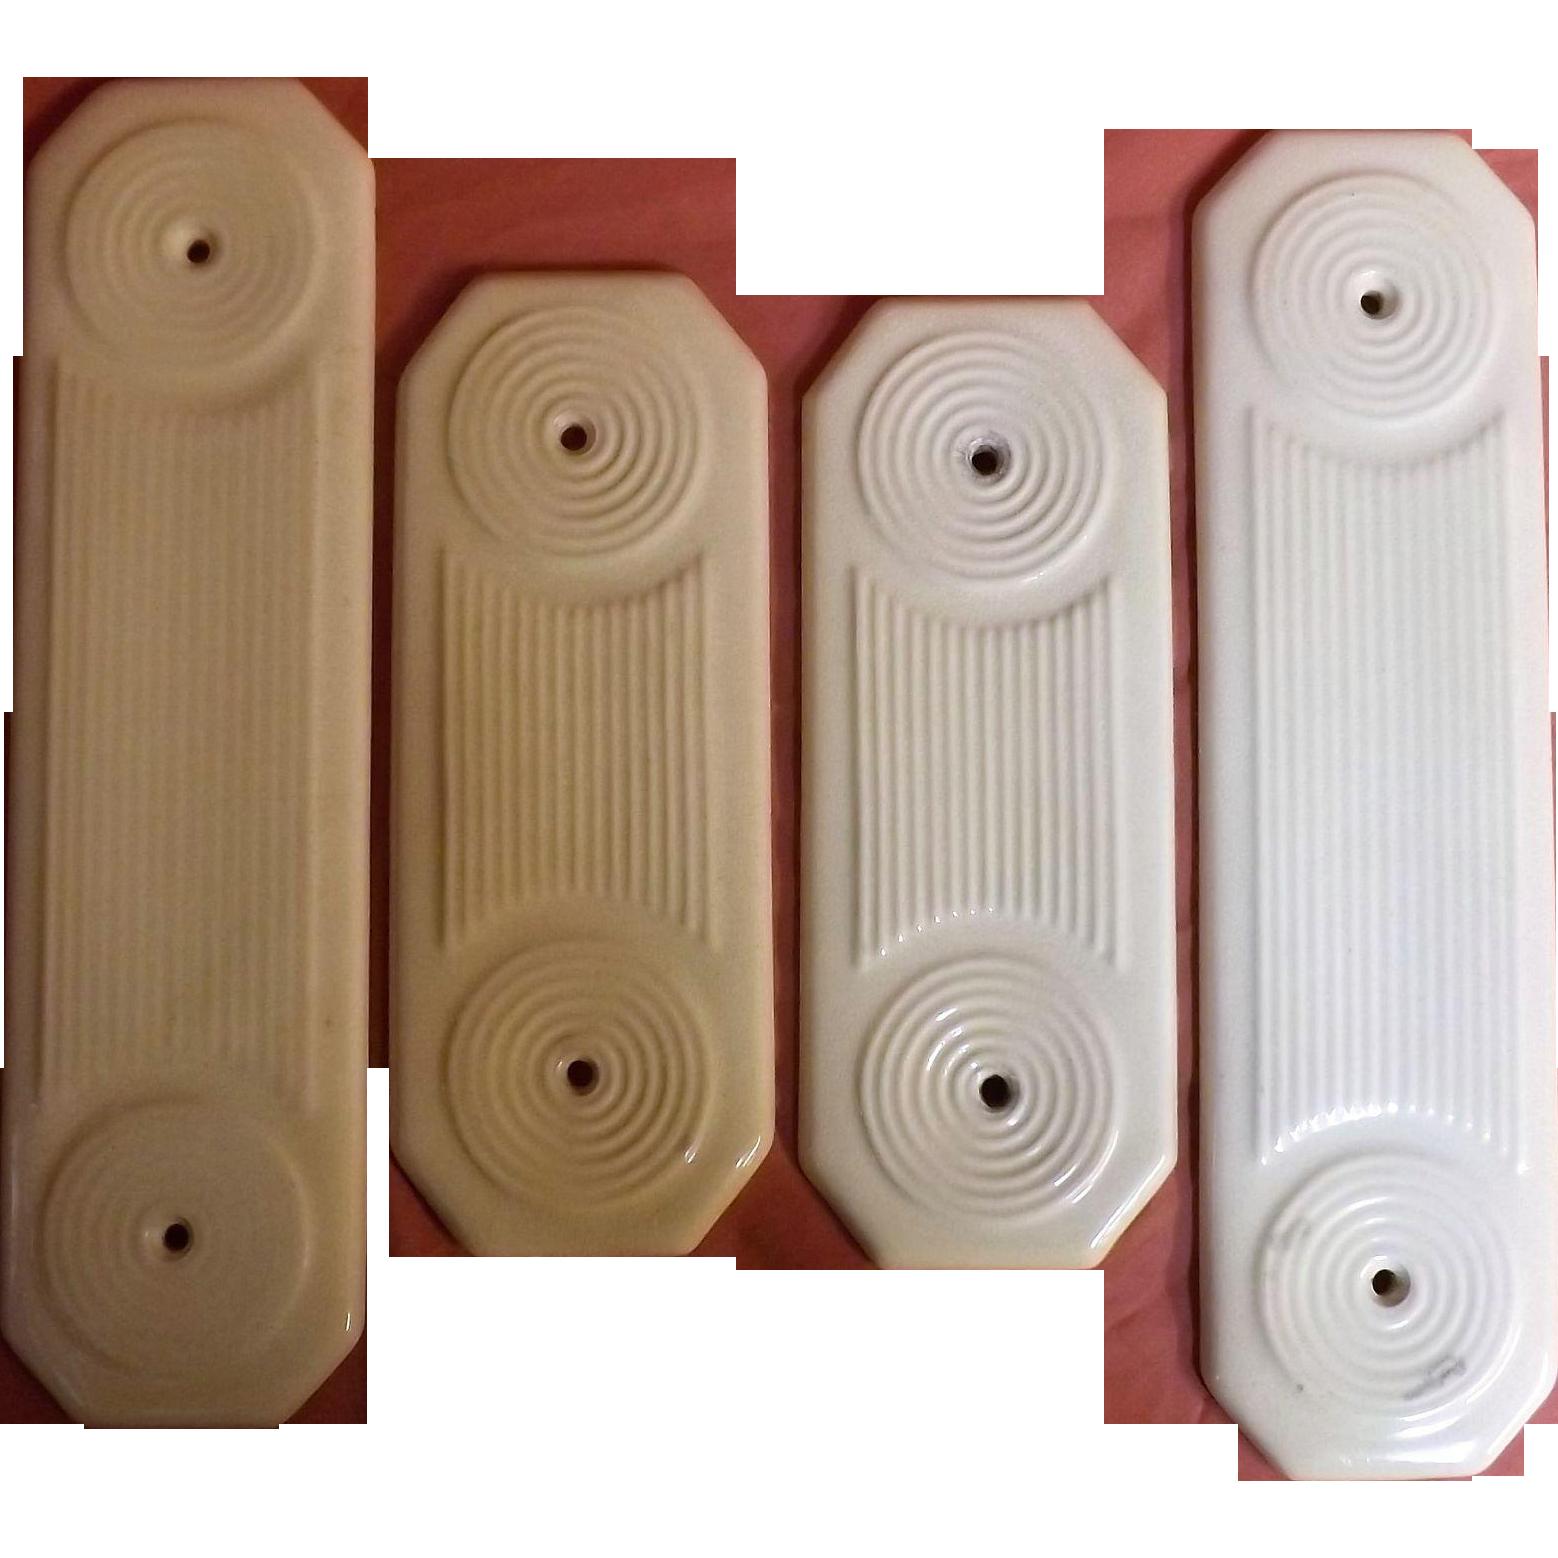 A Set of Four Victorian Ceramic Door Push Plates - Dates as 1892  sc 1 st  Pinterest & A Set of Four Victorian Ceramic Door Push Plates - Dates as 1892 ...